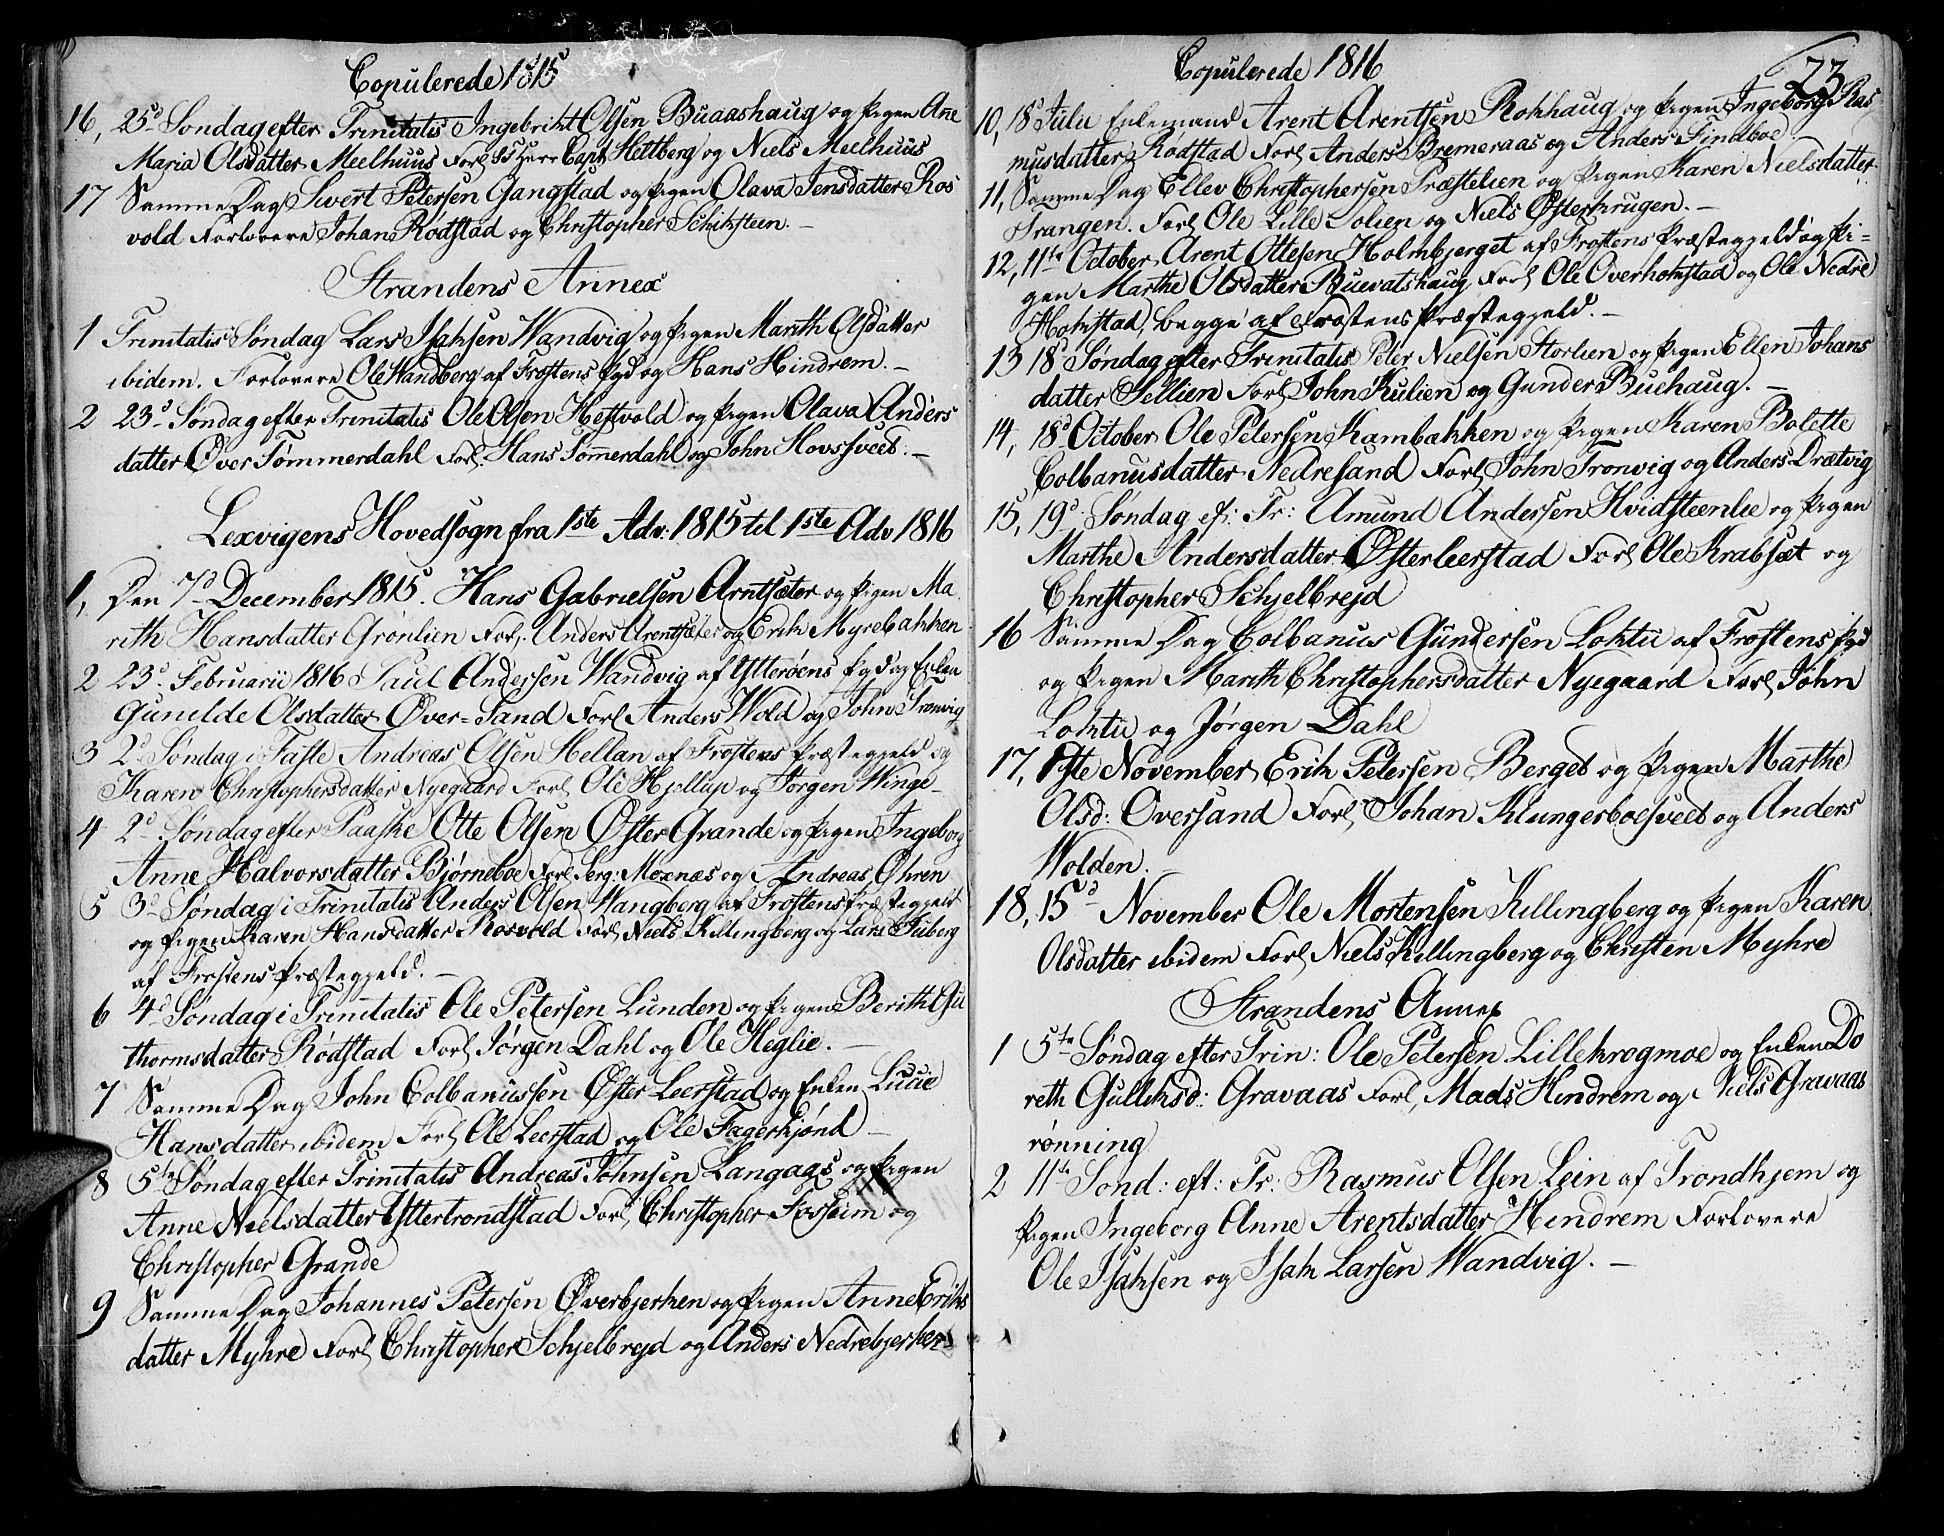 SAT, Ministerialprotokoller, klokkerbøker og fødselsregistre - Nord-Trøndelag, 701/L0004: Parish register (official) no. 701A04, 1783-1816, p. 23